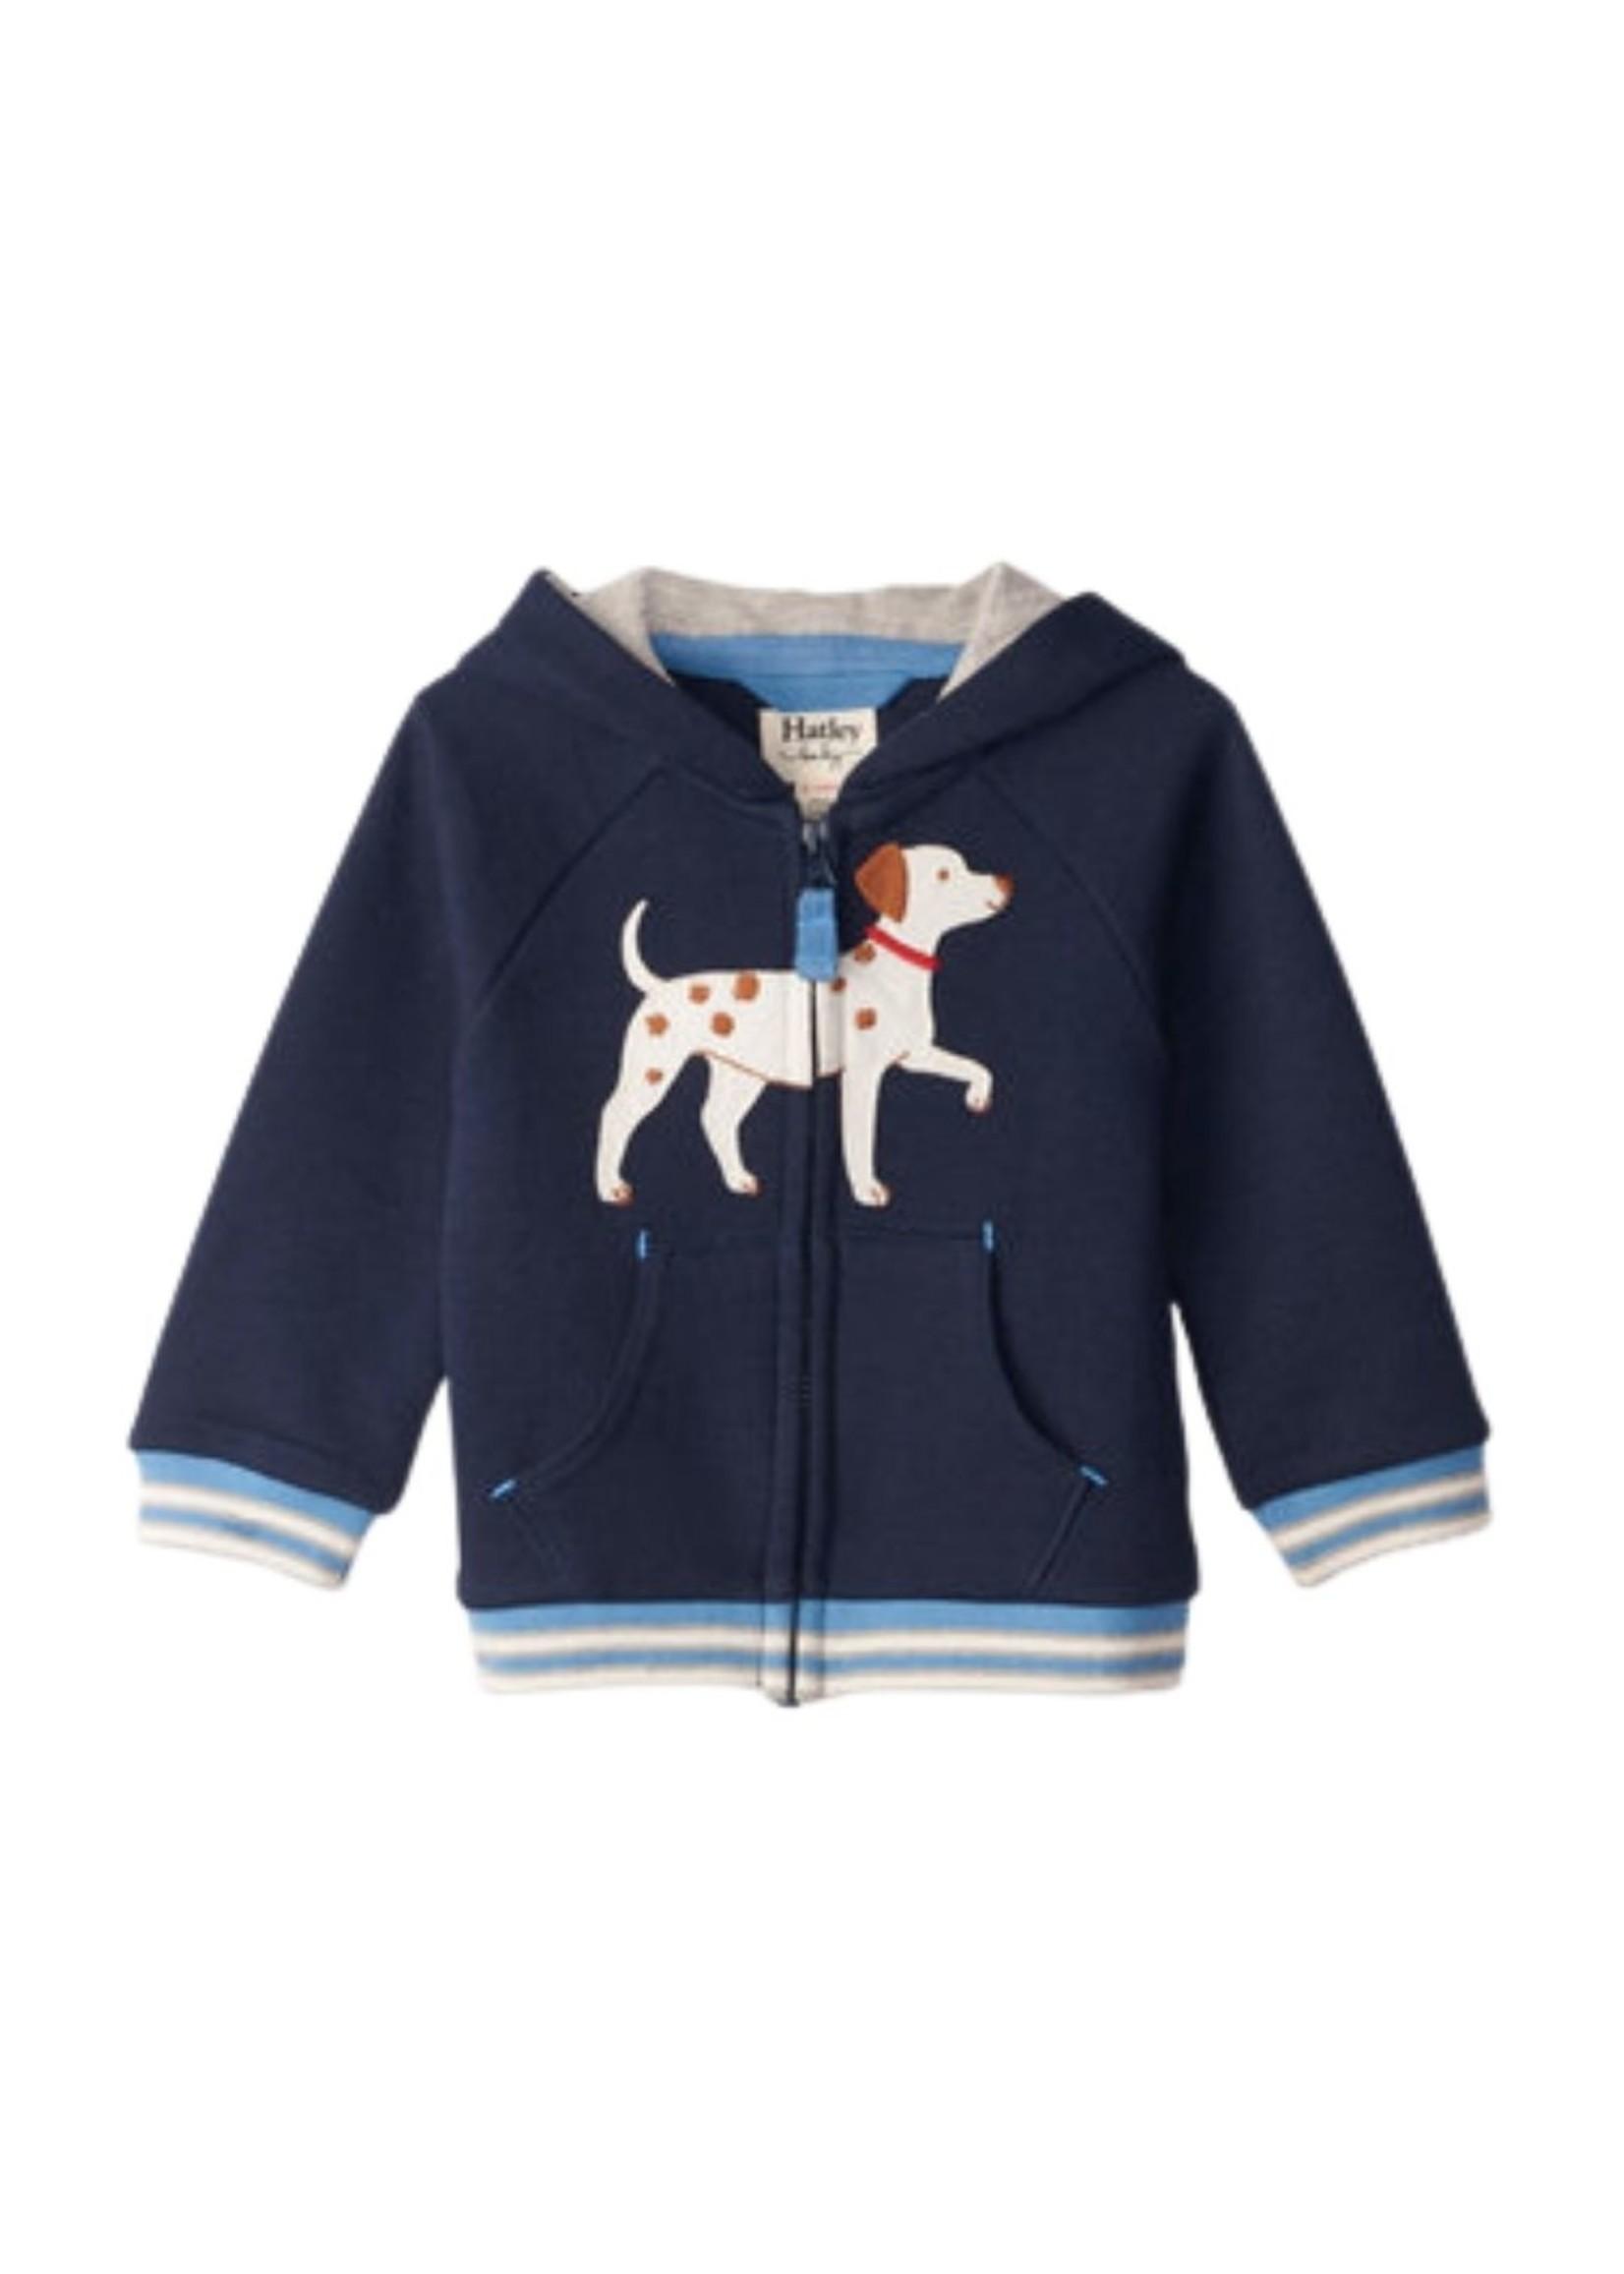 Hatley Hatley Little Pup Baby Hoodie